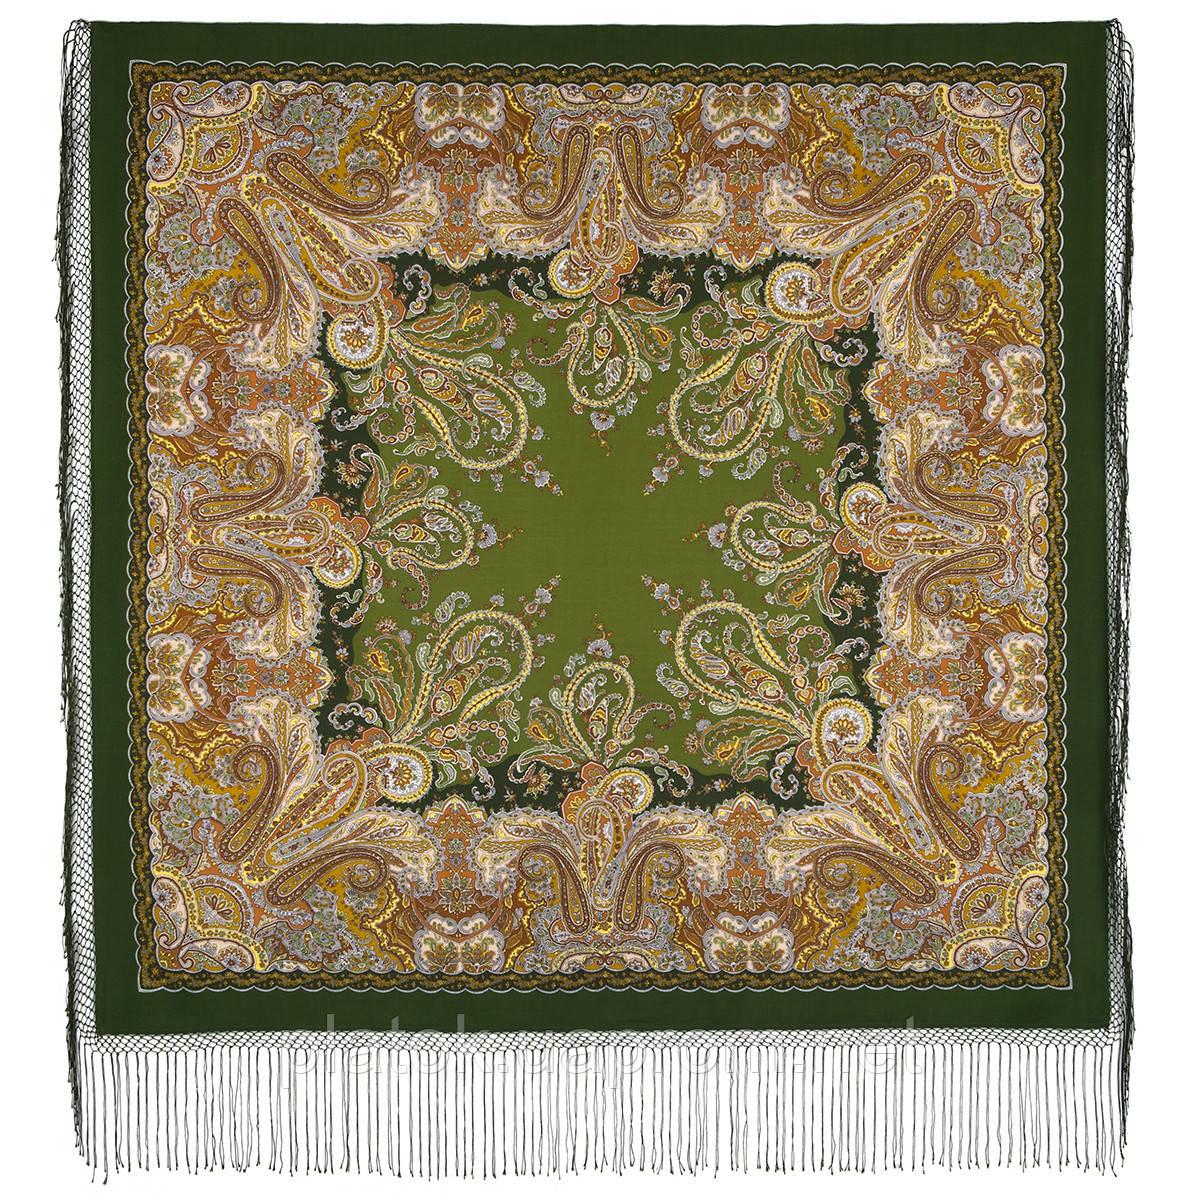 Караван 970-10, павлопосадский платок (шаль) из уплотненной шерсти с шелковой вязанной бахромой